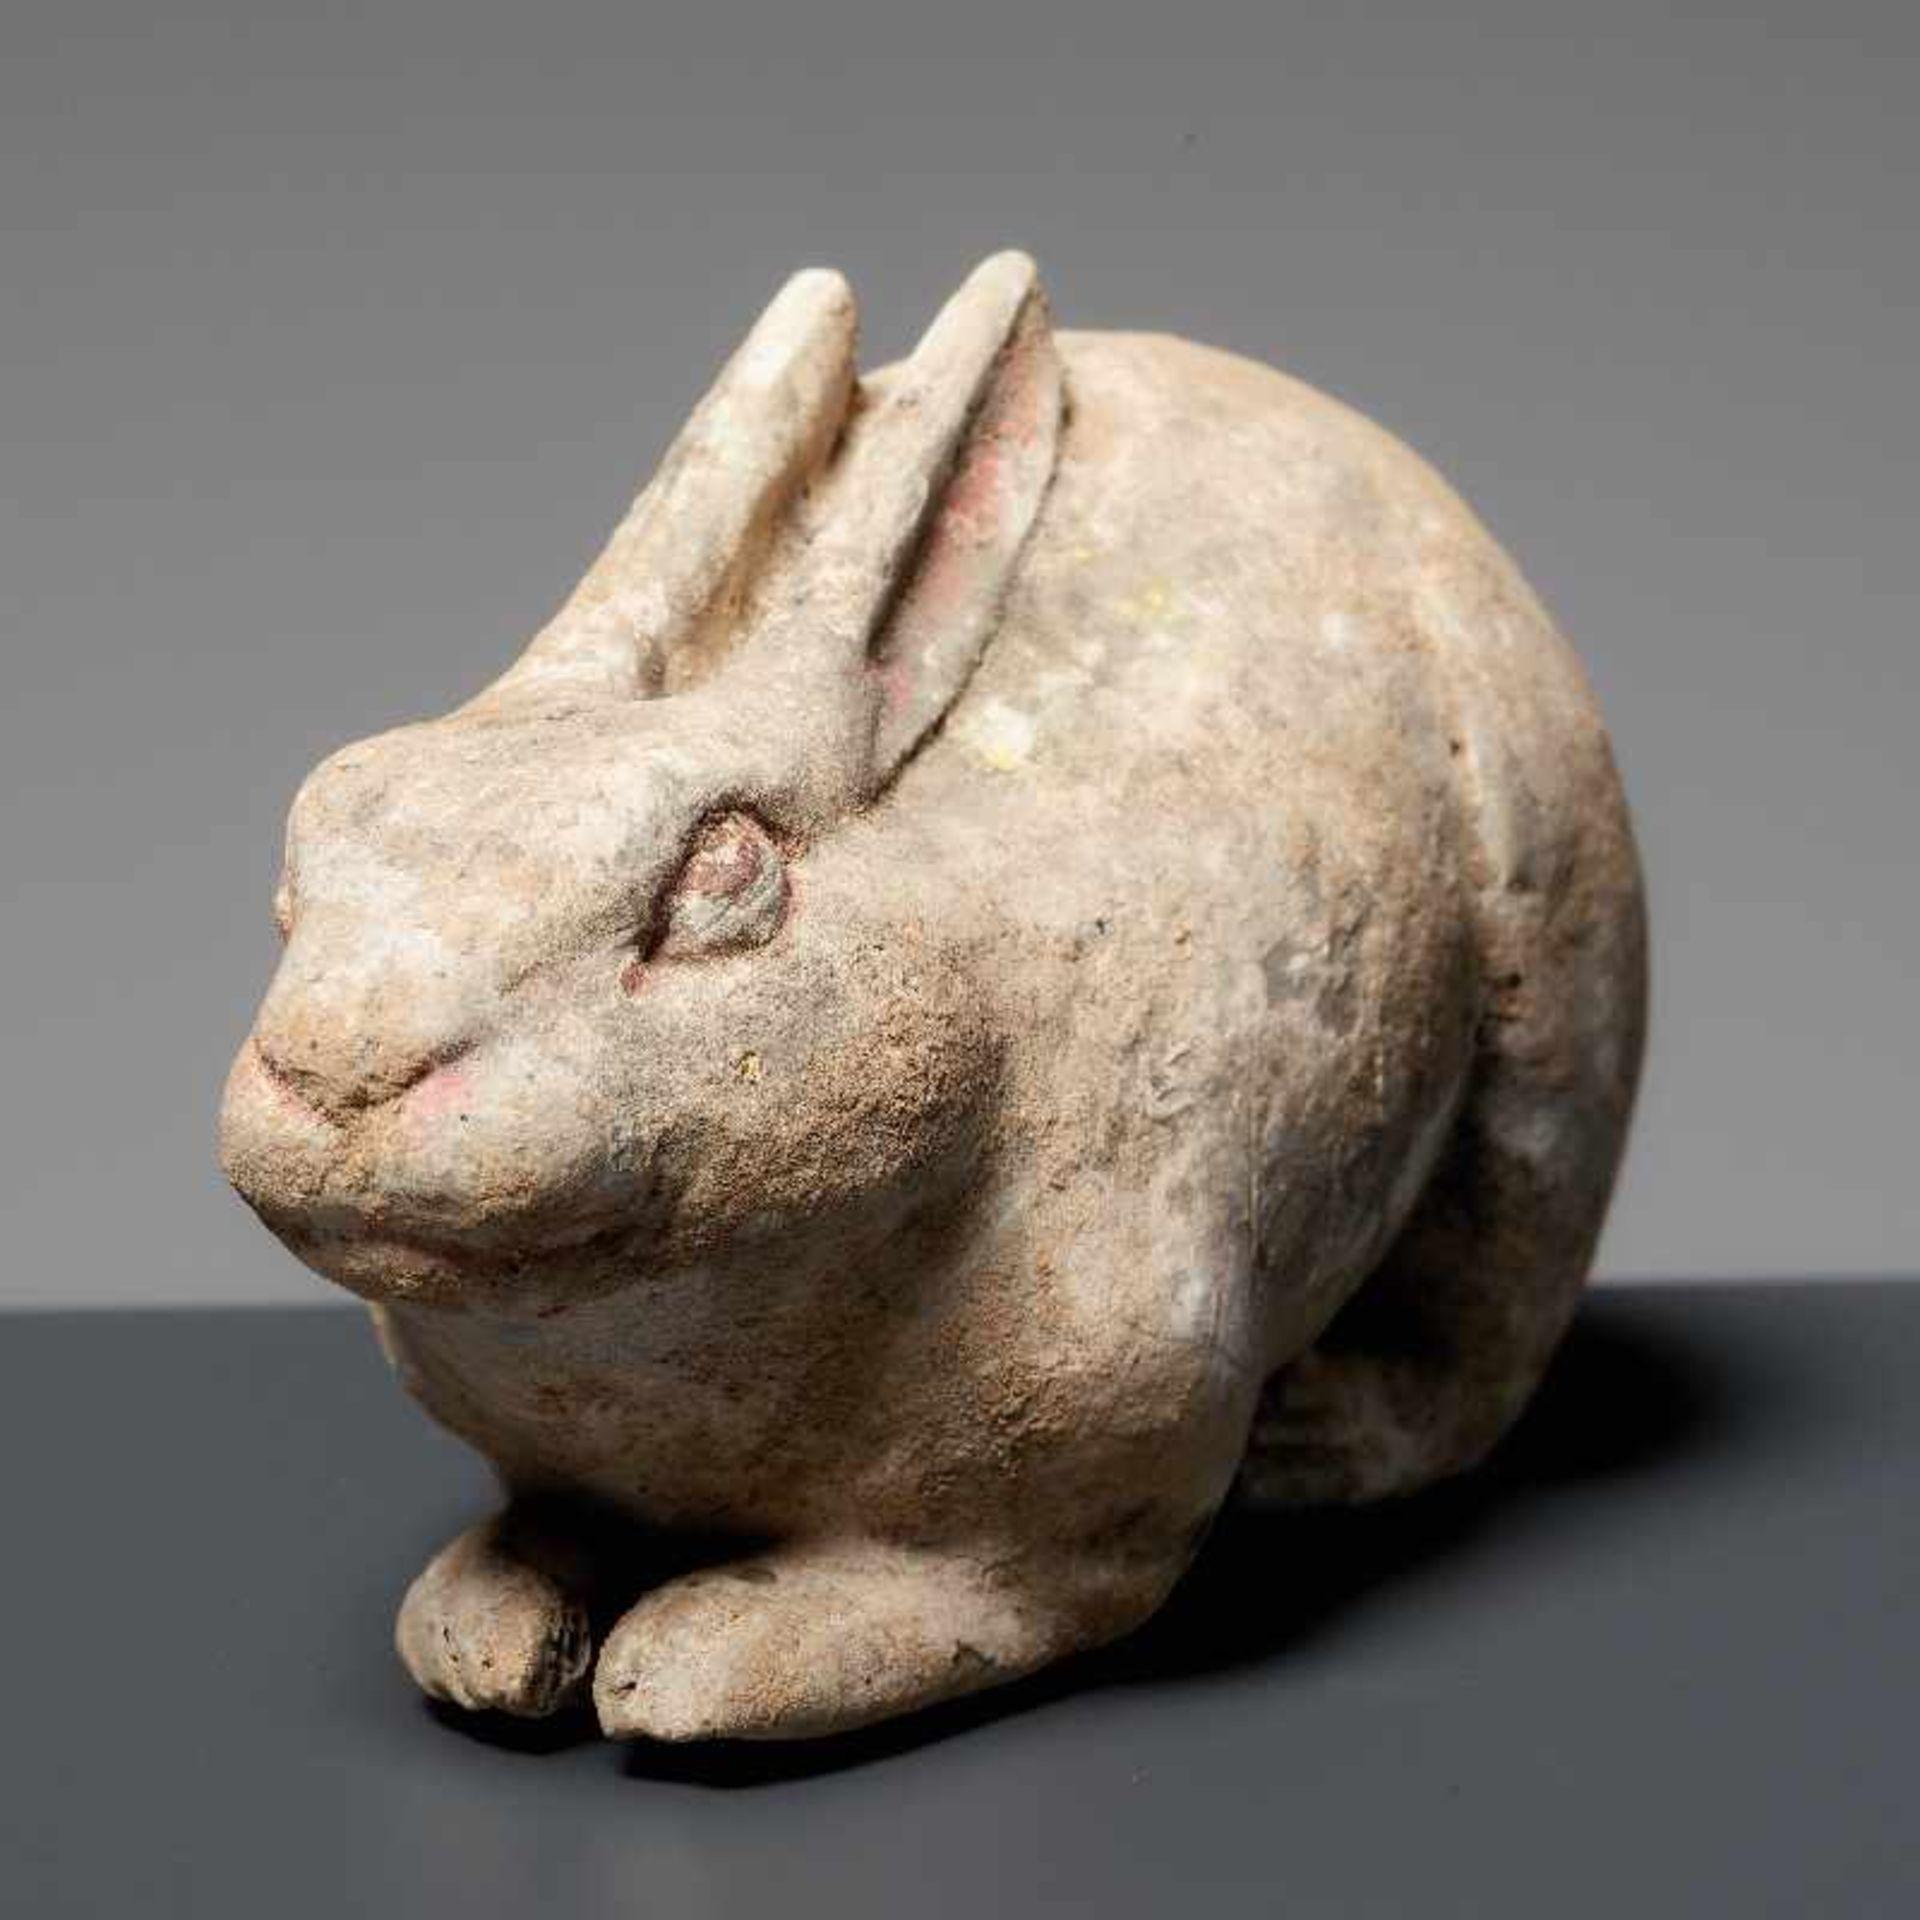 LIEGENDER HASE Terrakotta mit Bemalung. China, Tang (618 - 907) Kleine Terrakotta-Figurine, die - Image 3 of 4